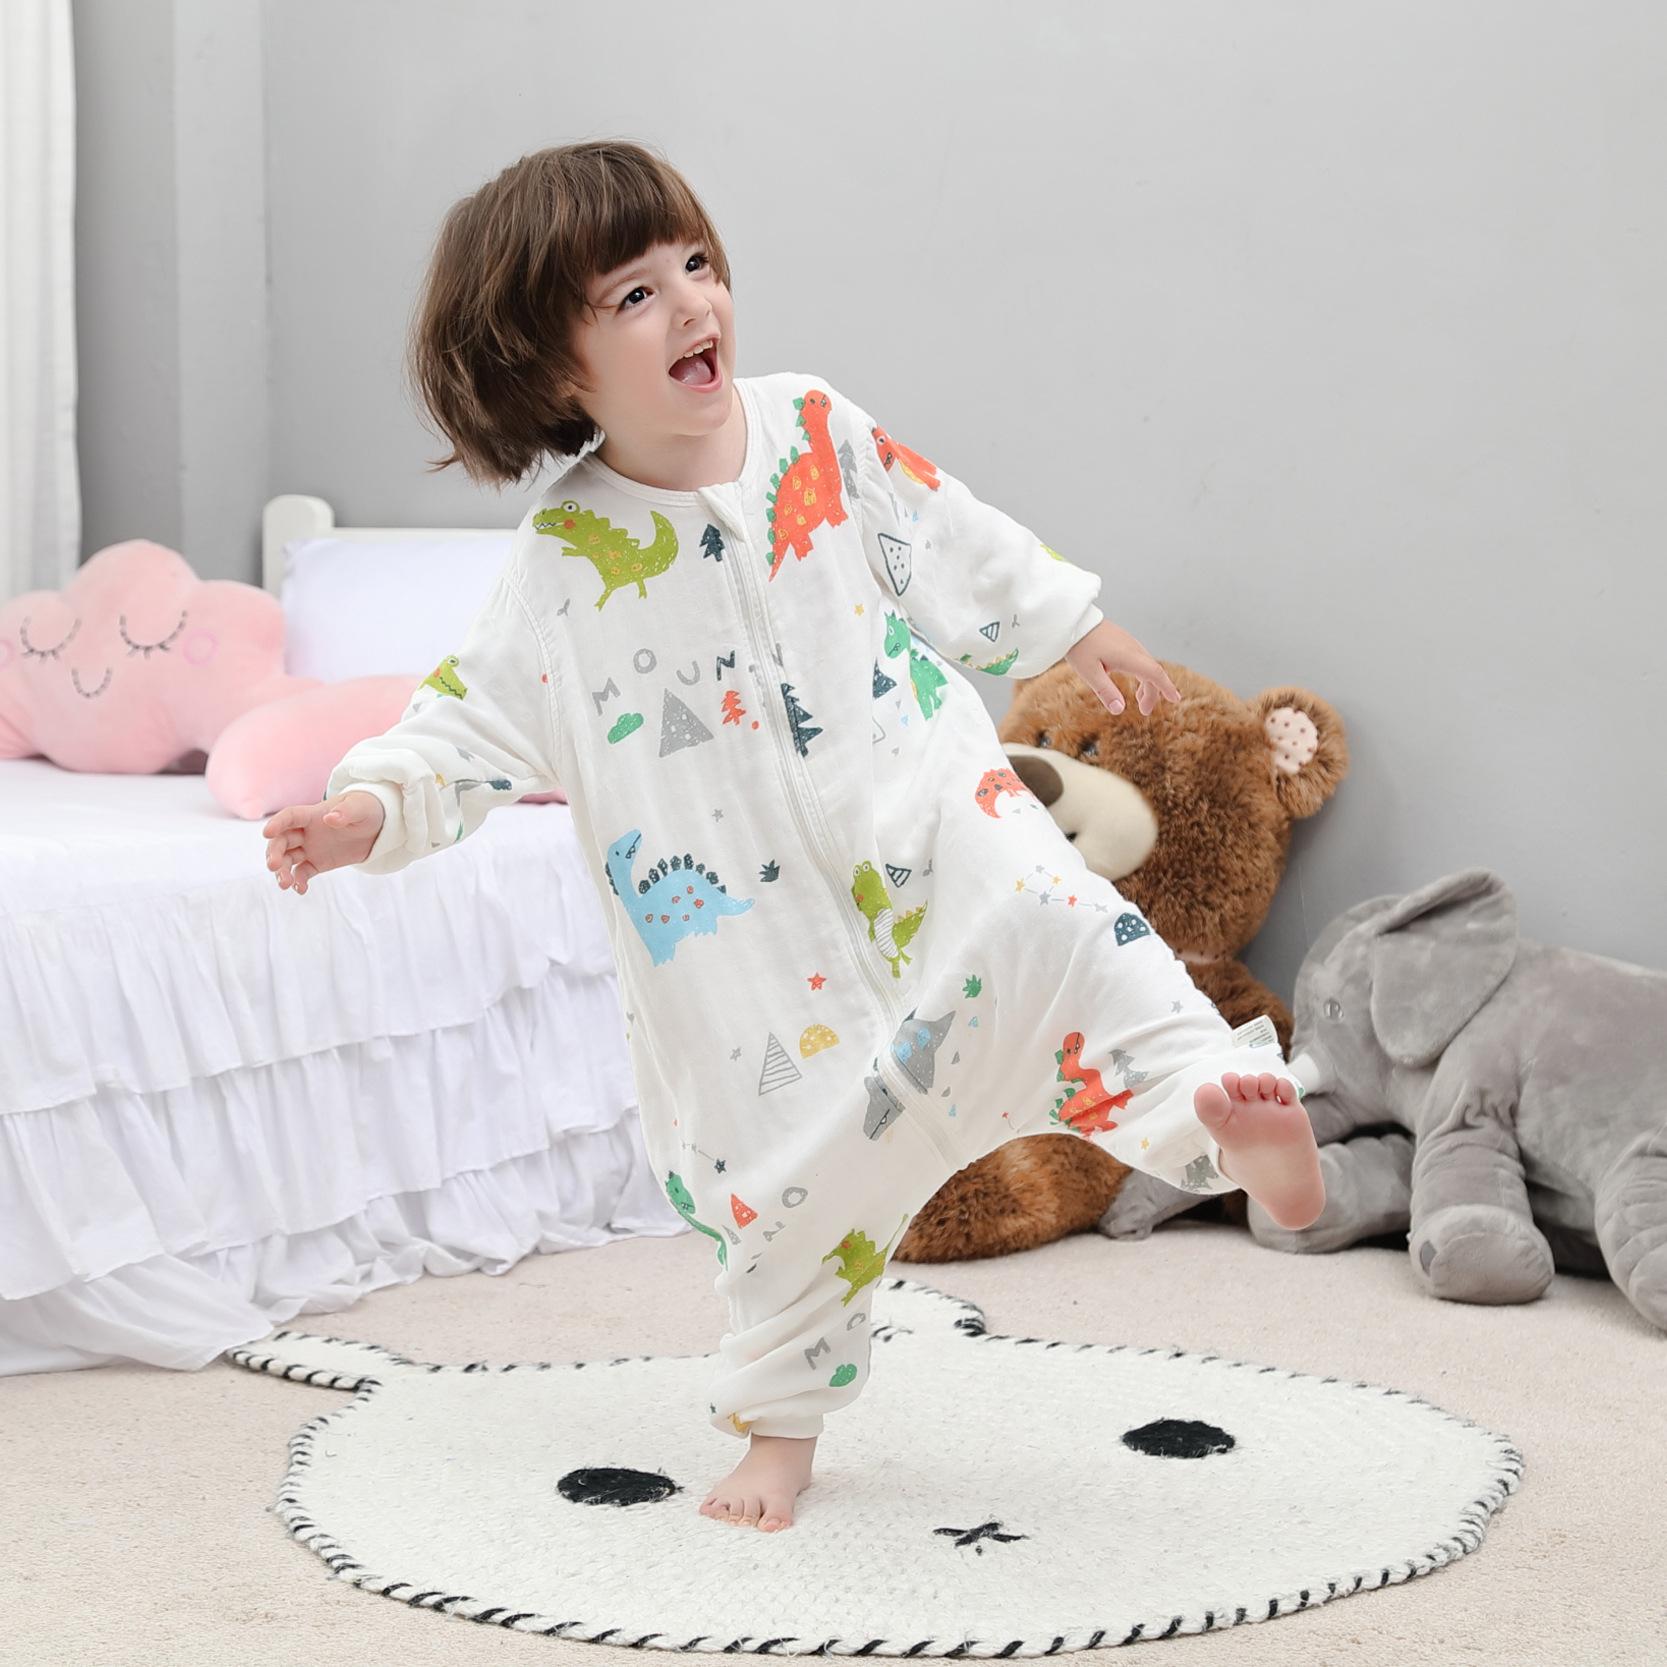 Túi ngủ trẻ em Túi ngủ cho bé gầy mùa hè mỏng mùa xuân và mùa thu cotton nguyên chất bốn mùa bé chẻ